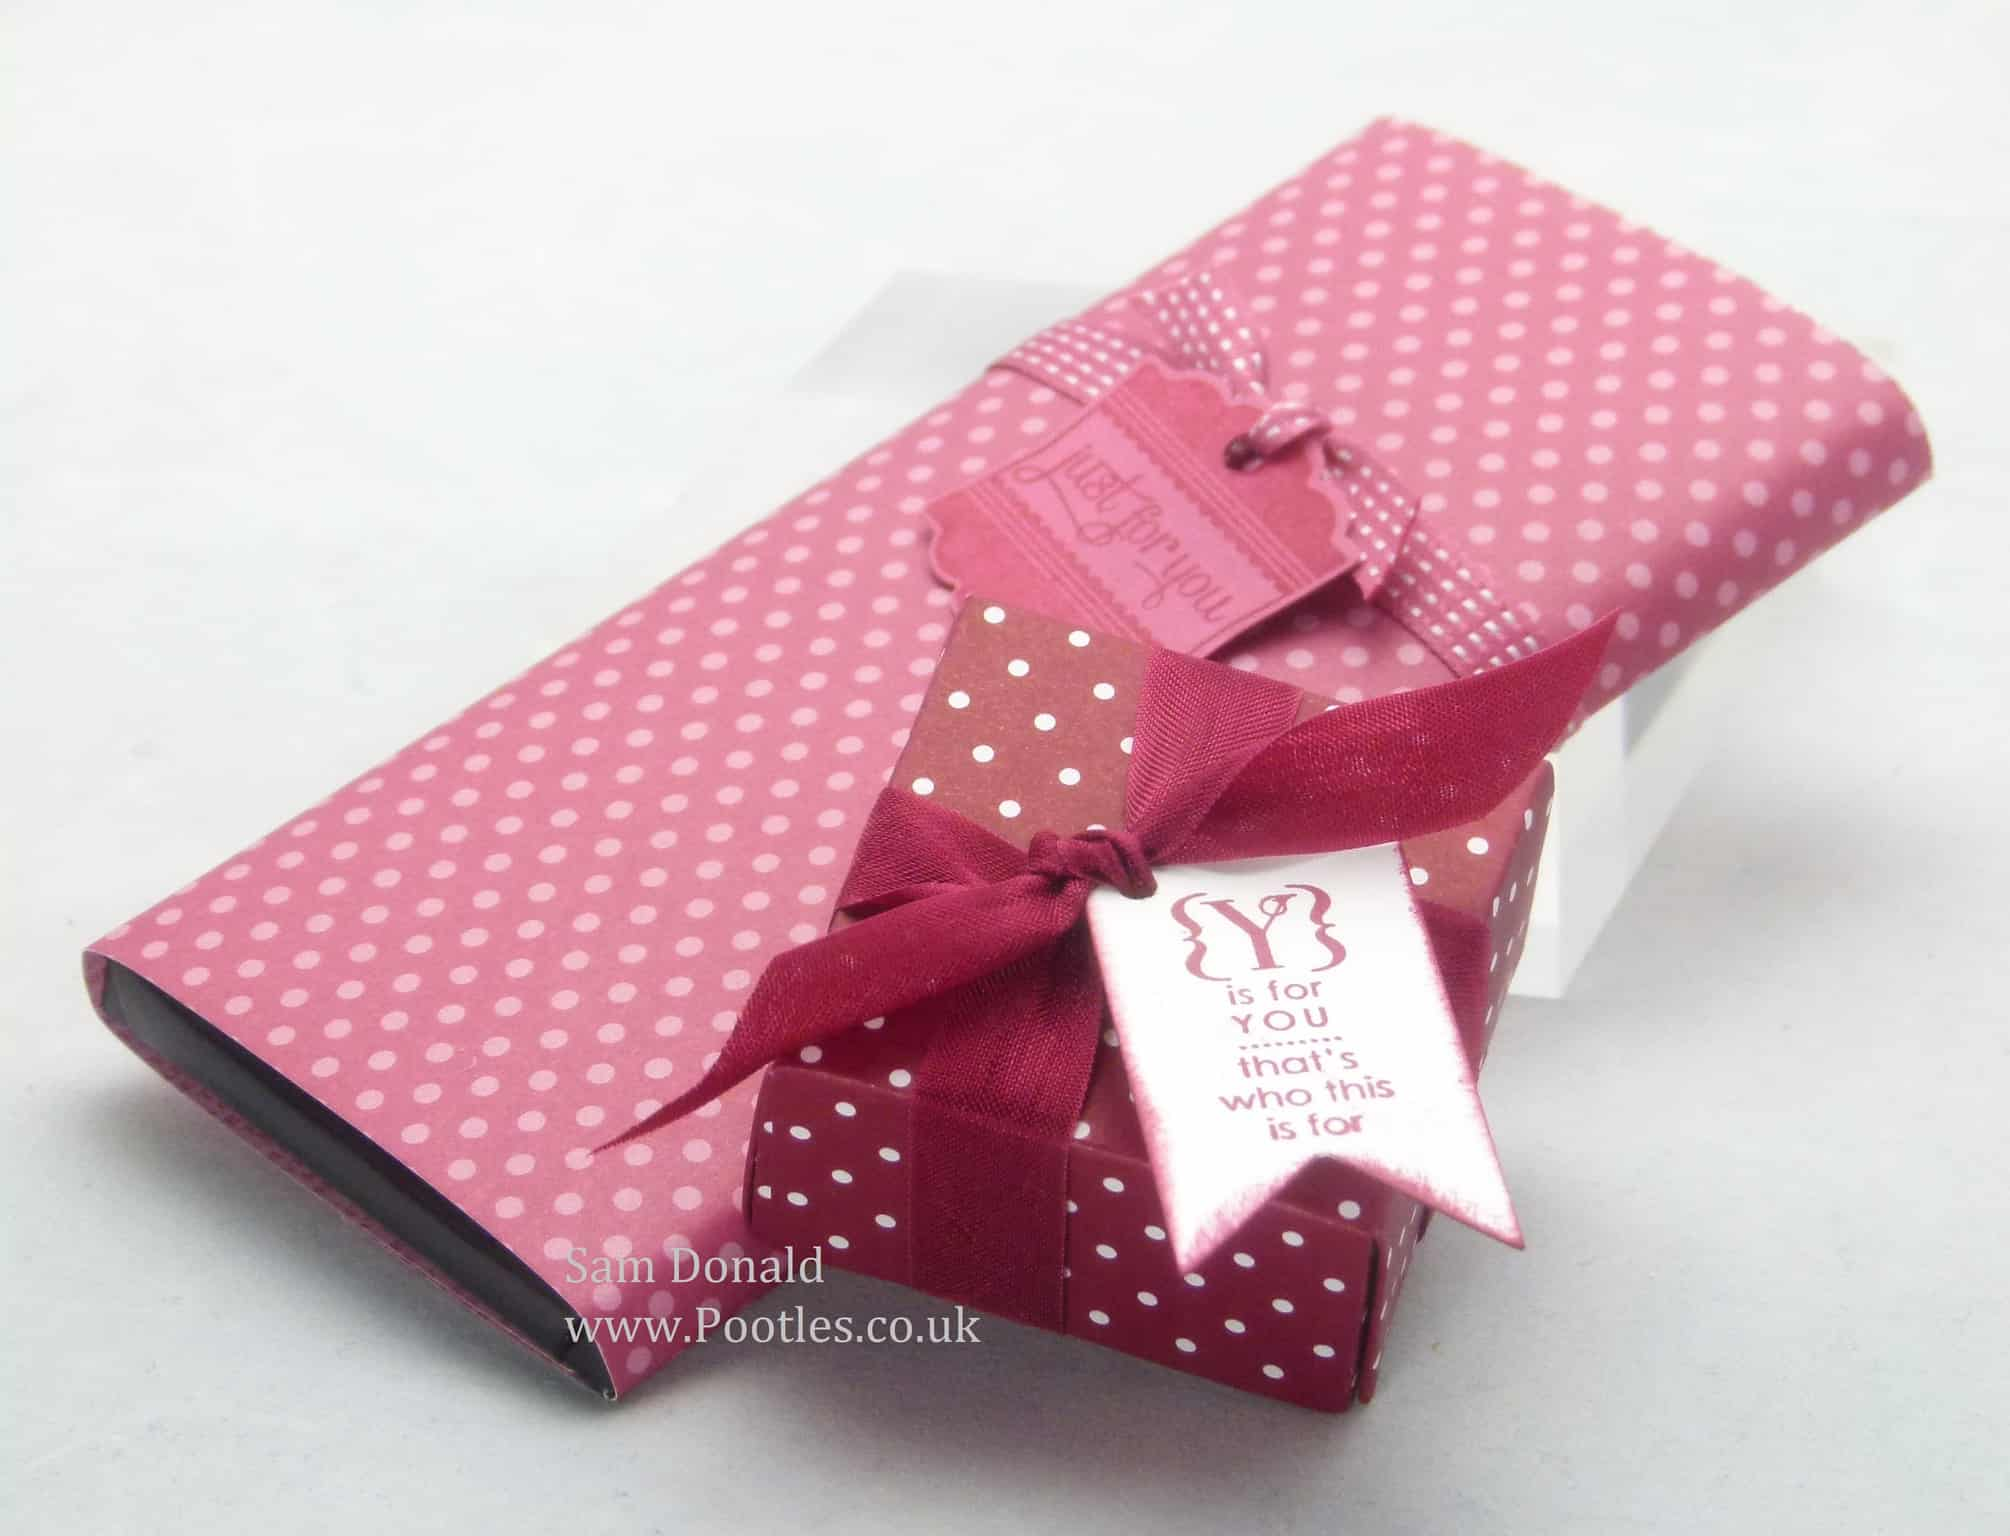 Pootles Stampin Up UK Downline Gift 2